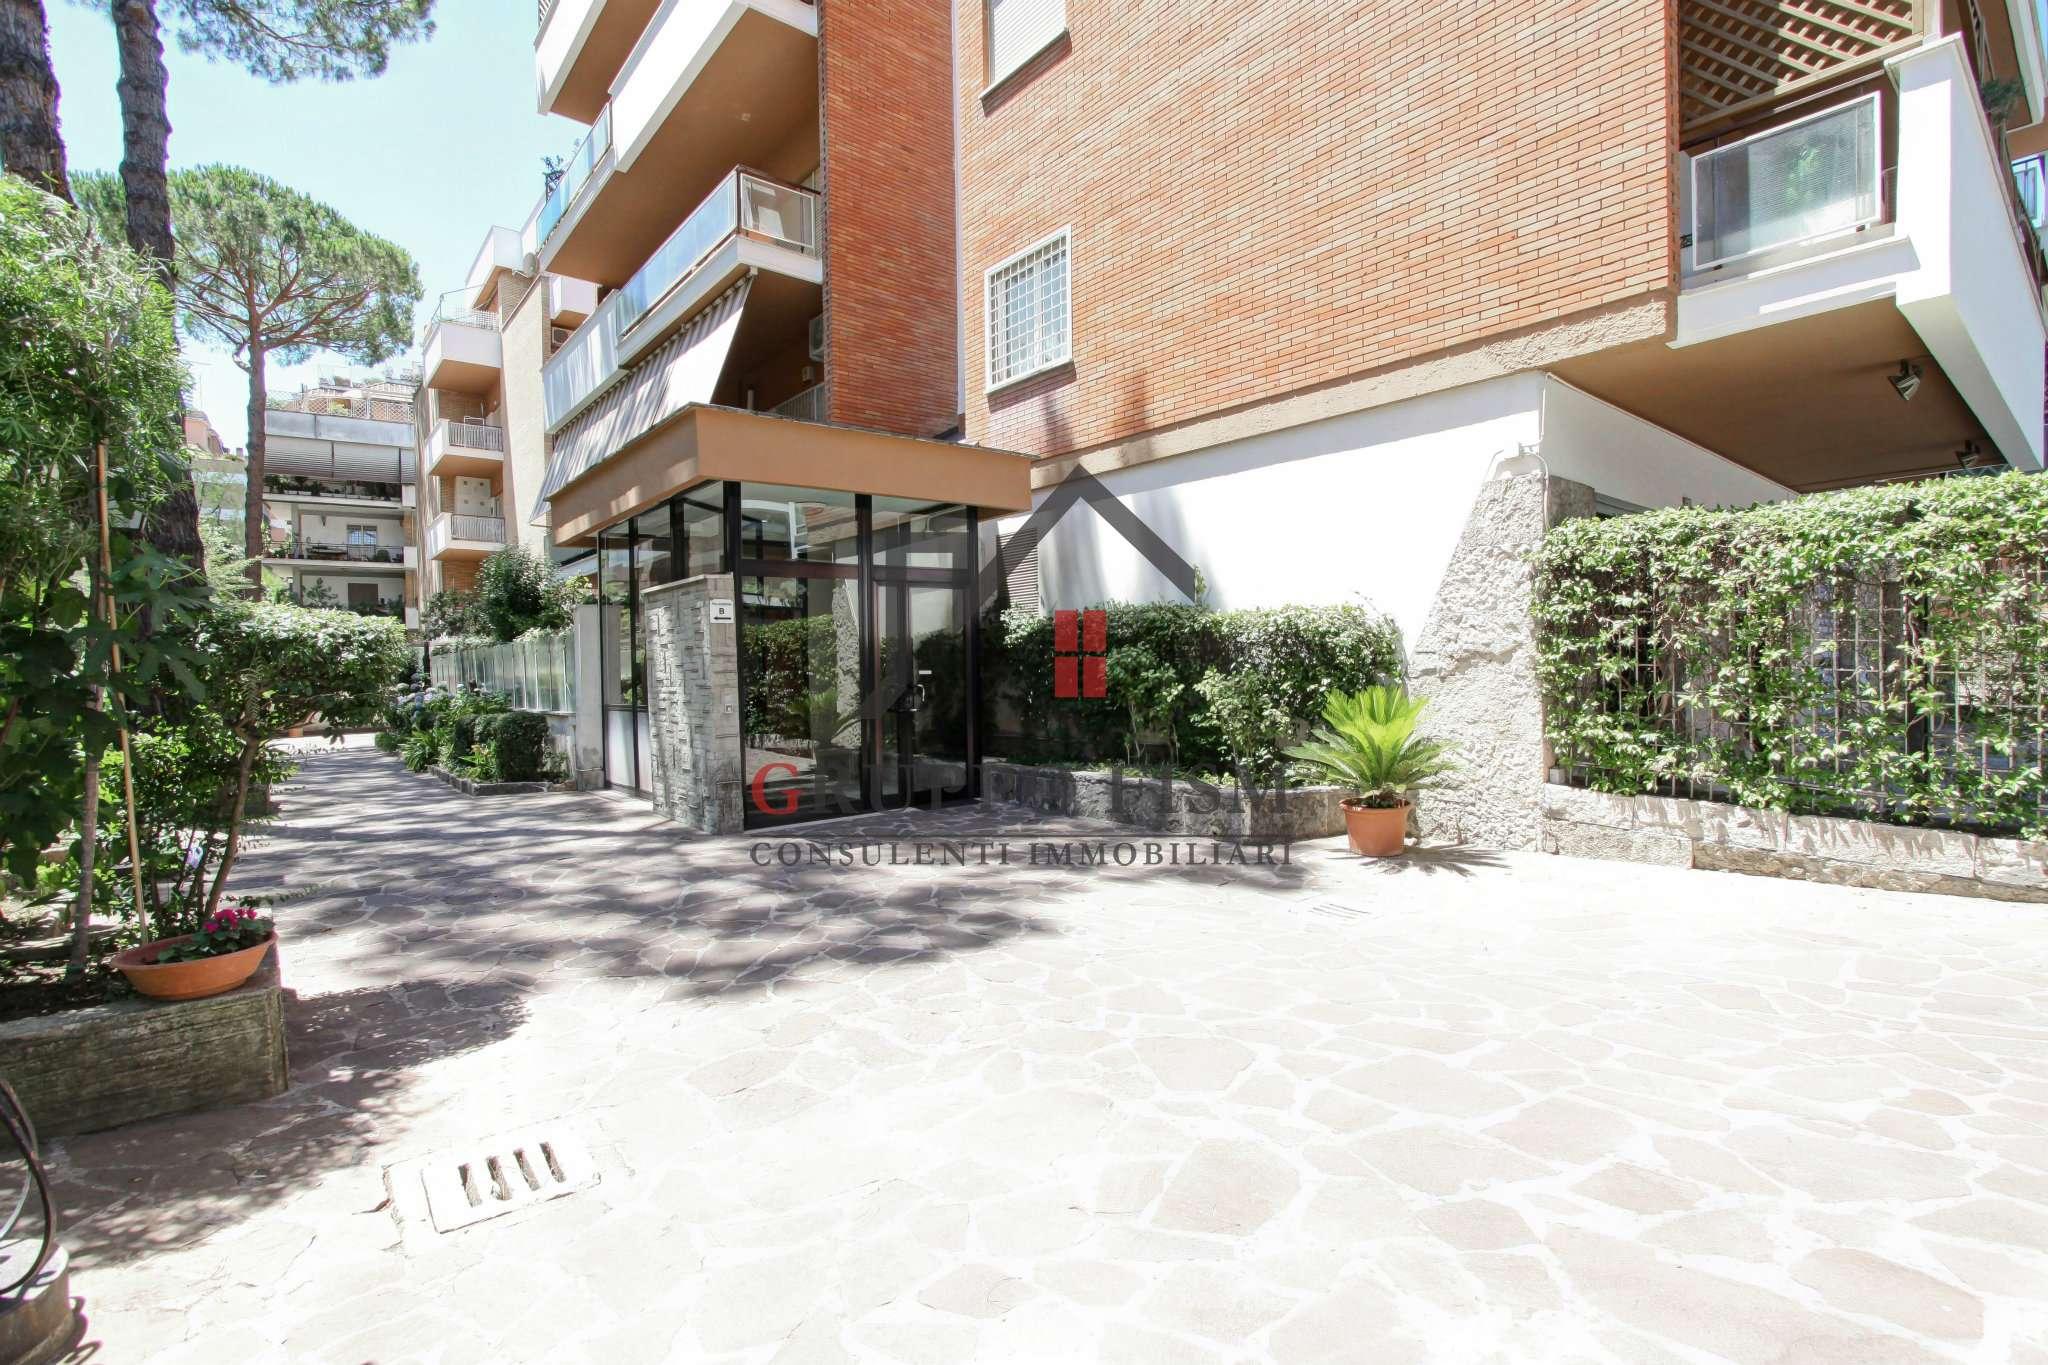 Appartamento in vendita a Roma, 3 locali, zona Zona: 42 . Cassia - Olgiata, prezzo € 379.000   CambioCasa.it